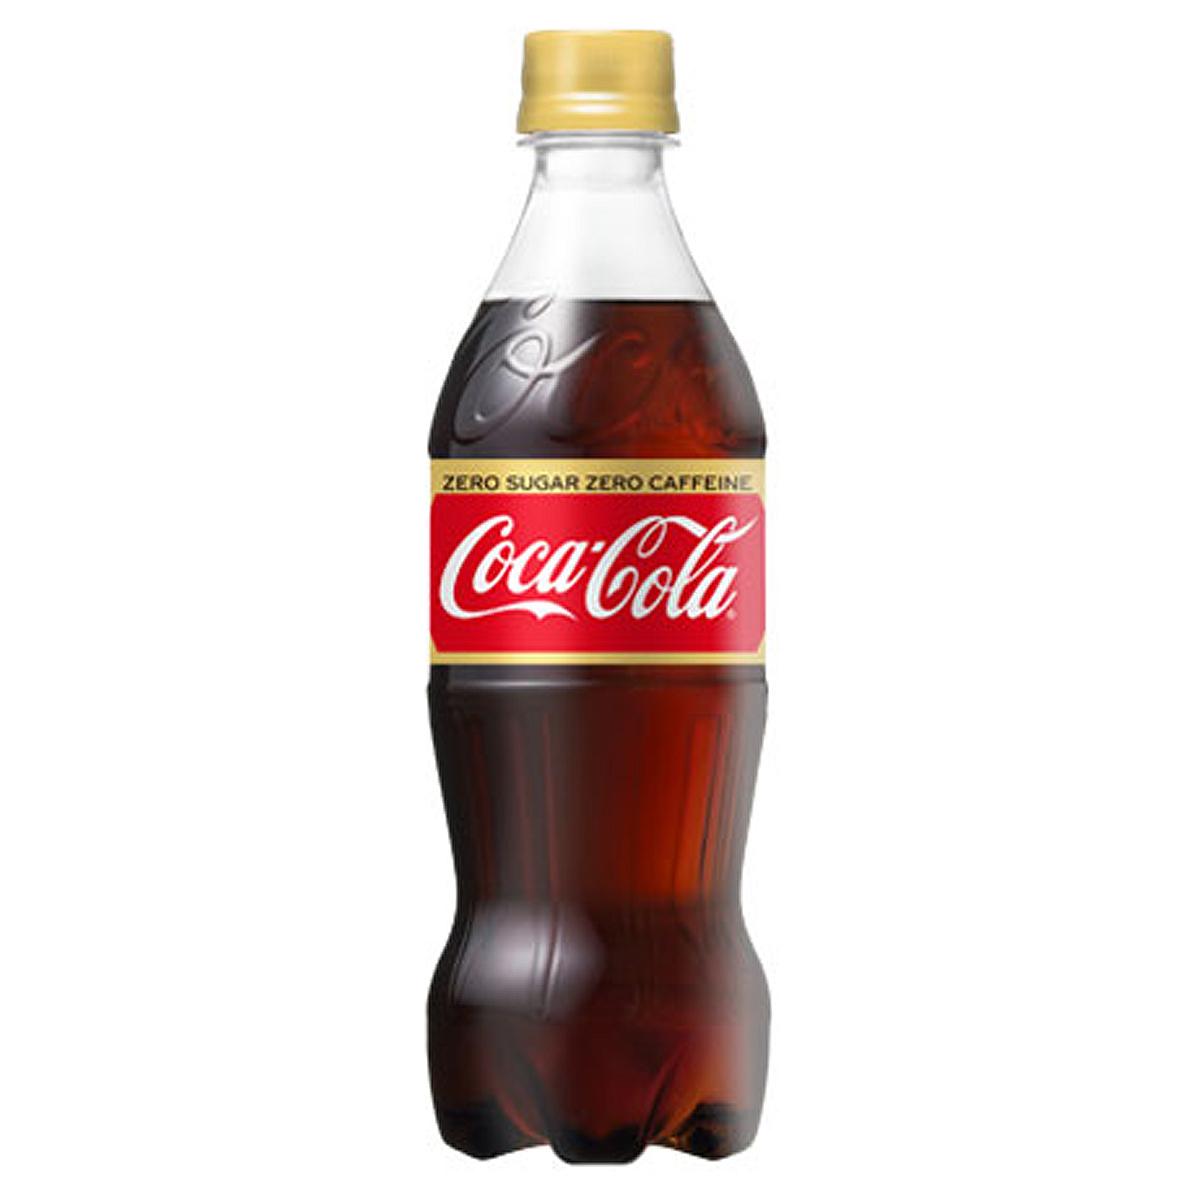 【2ケースセット】コカ・コーラ コカ・コーラ ゼロカフェイン PET 500mL 飲料 飲み物 ペットボトル ソフトドリンク 24本×2ケース 買い回り 買い周り 買いまわり ポイント消化